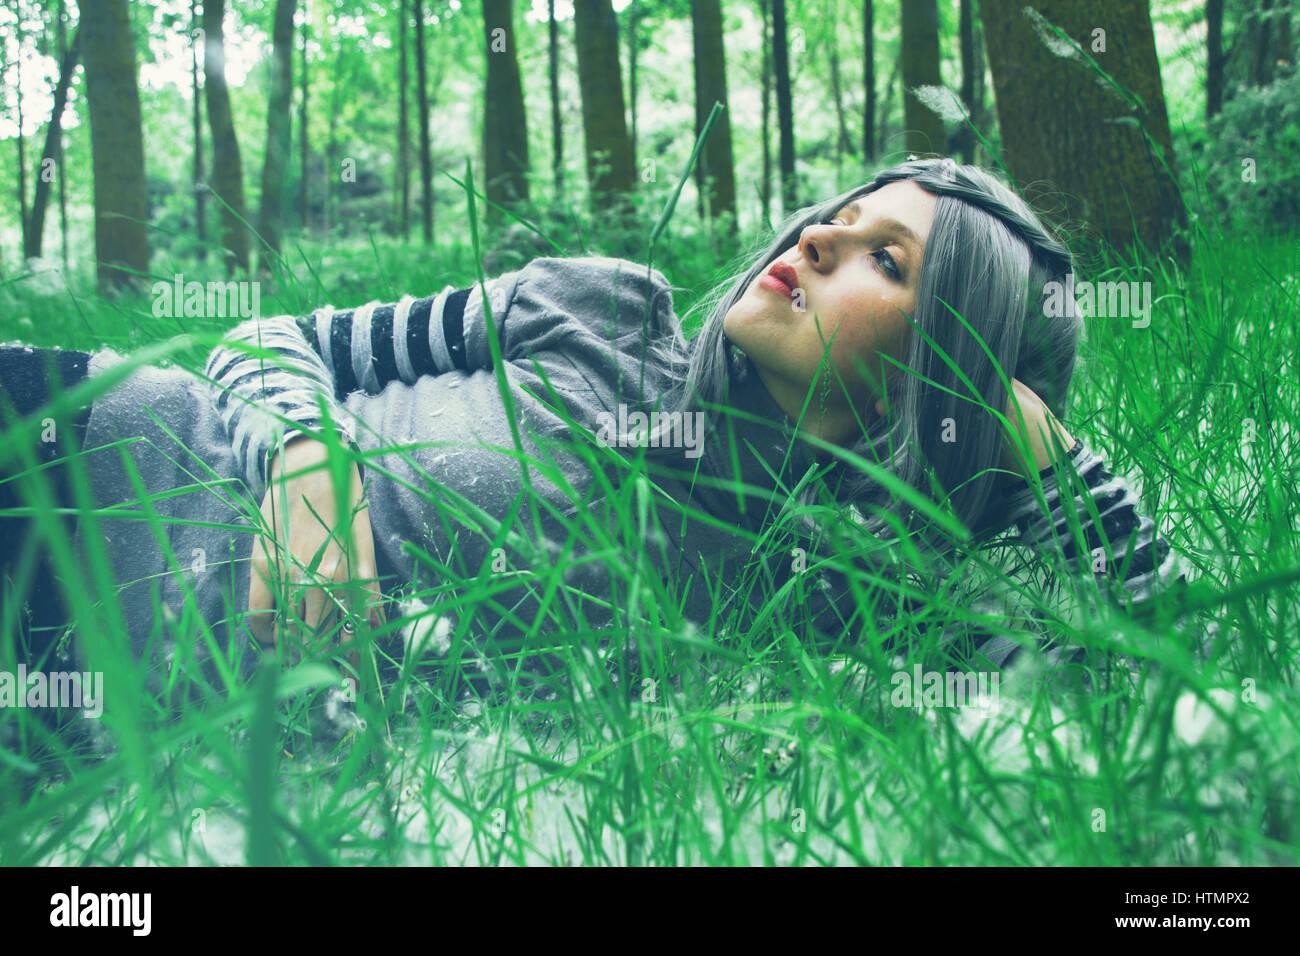 Jeune femme avec des cheveux gris dans une forêt Photo Stock